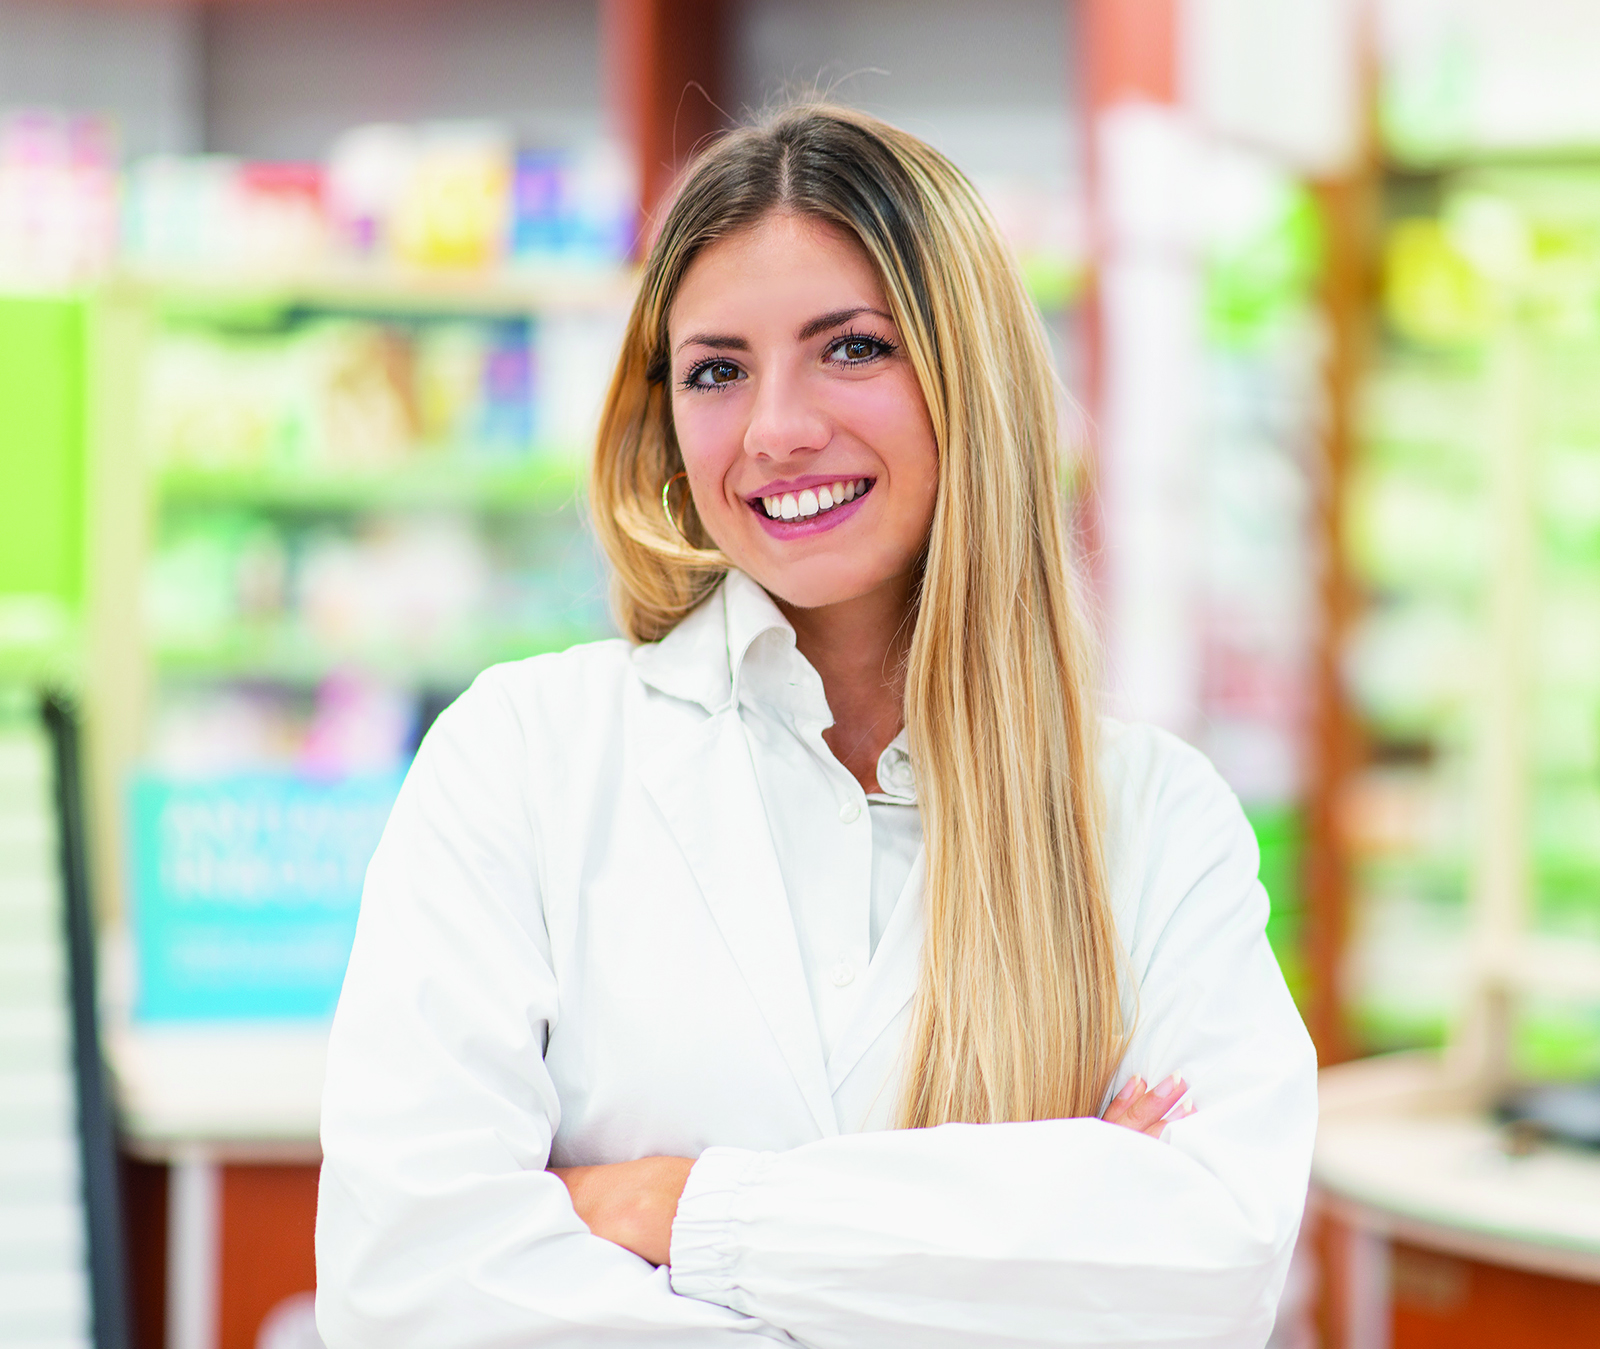 Qui fait quoi dans une pharmacie?